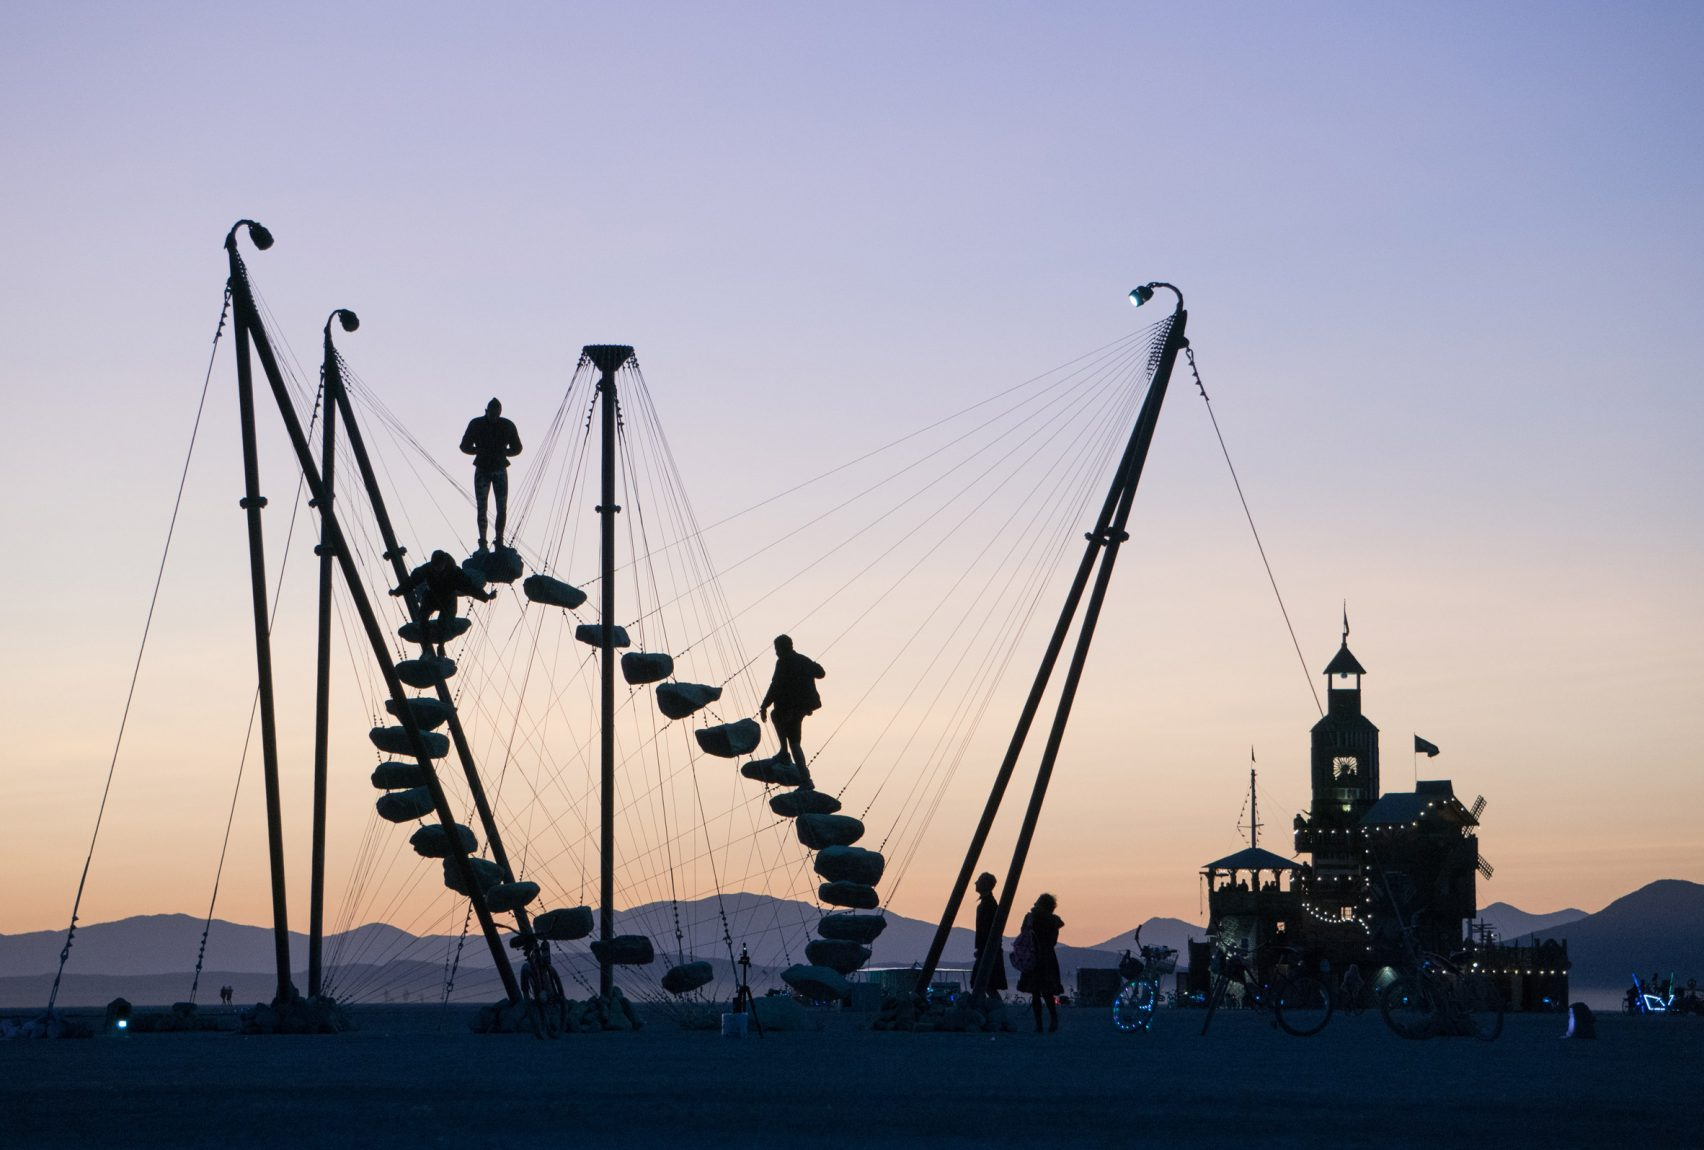 """پله های مدور Benjamin Langholz در Burning Man """"یک واقعیت متناوب"""" ایجاد می کند"""